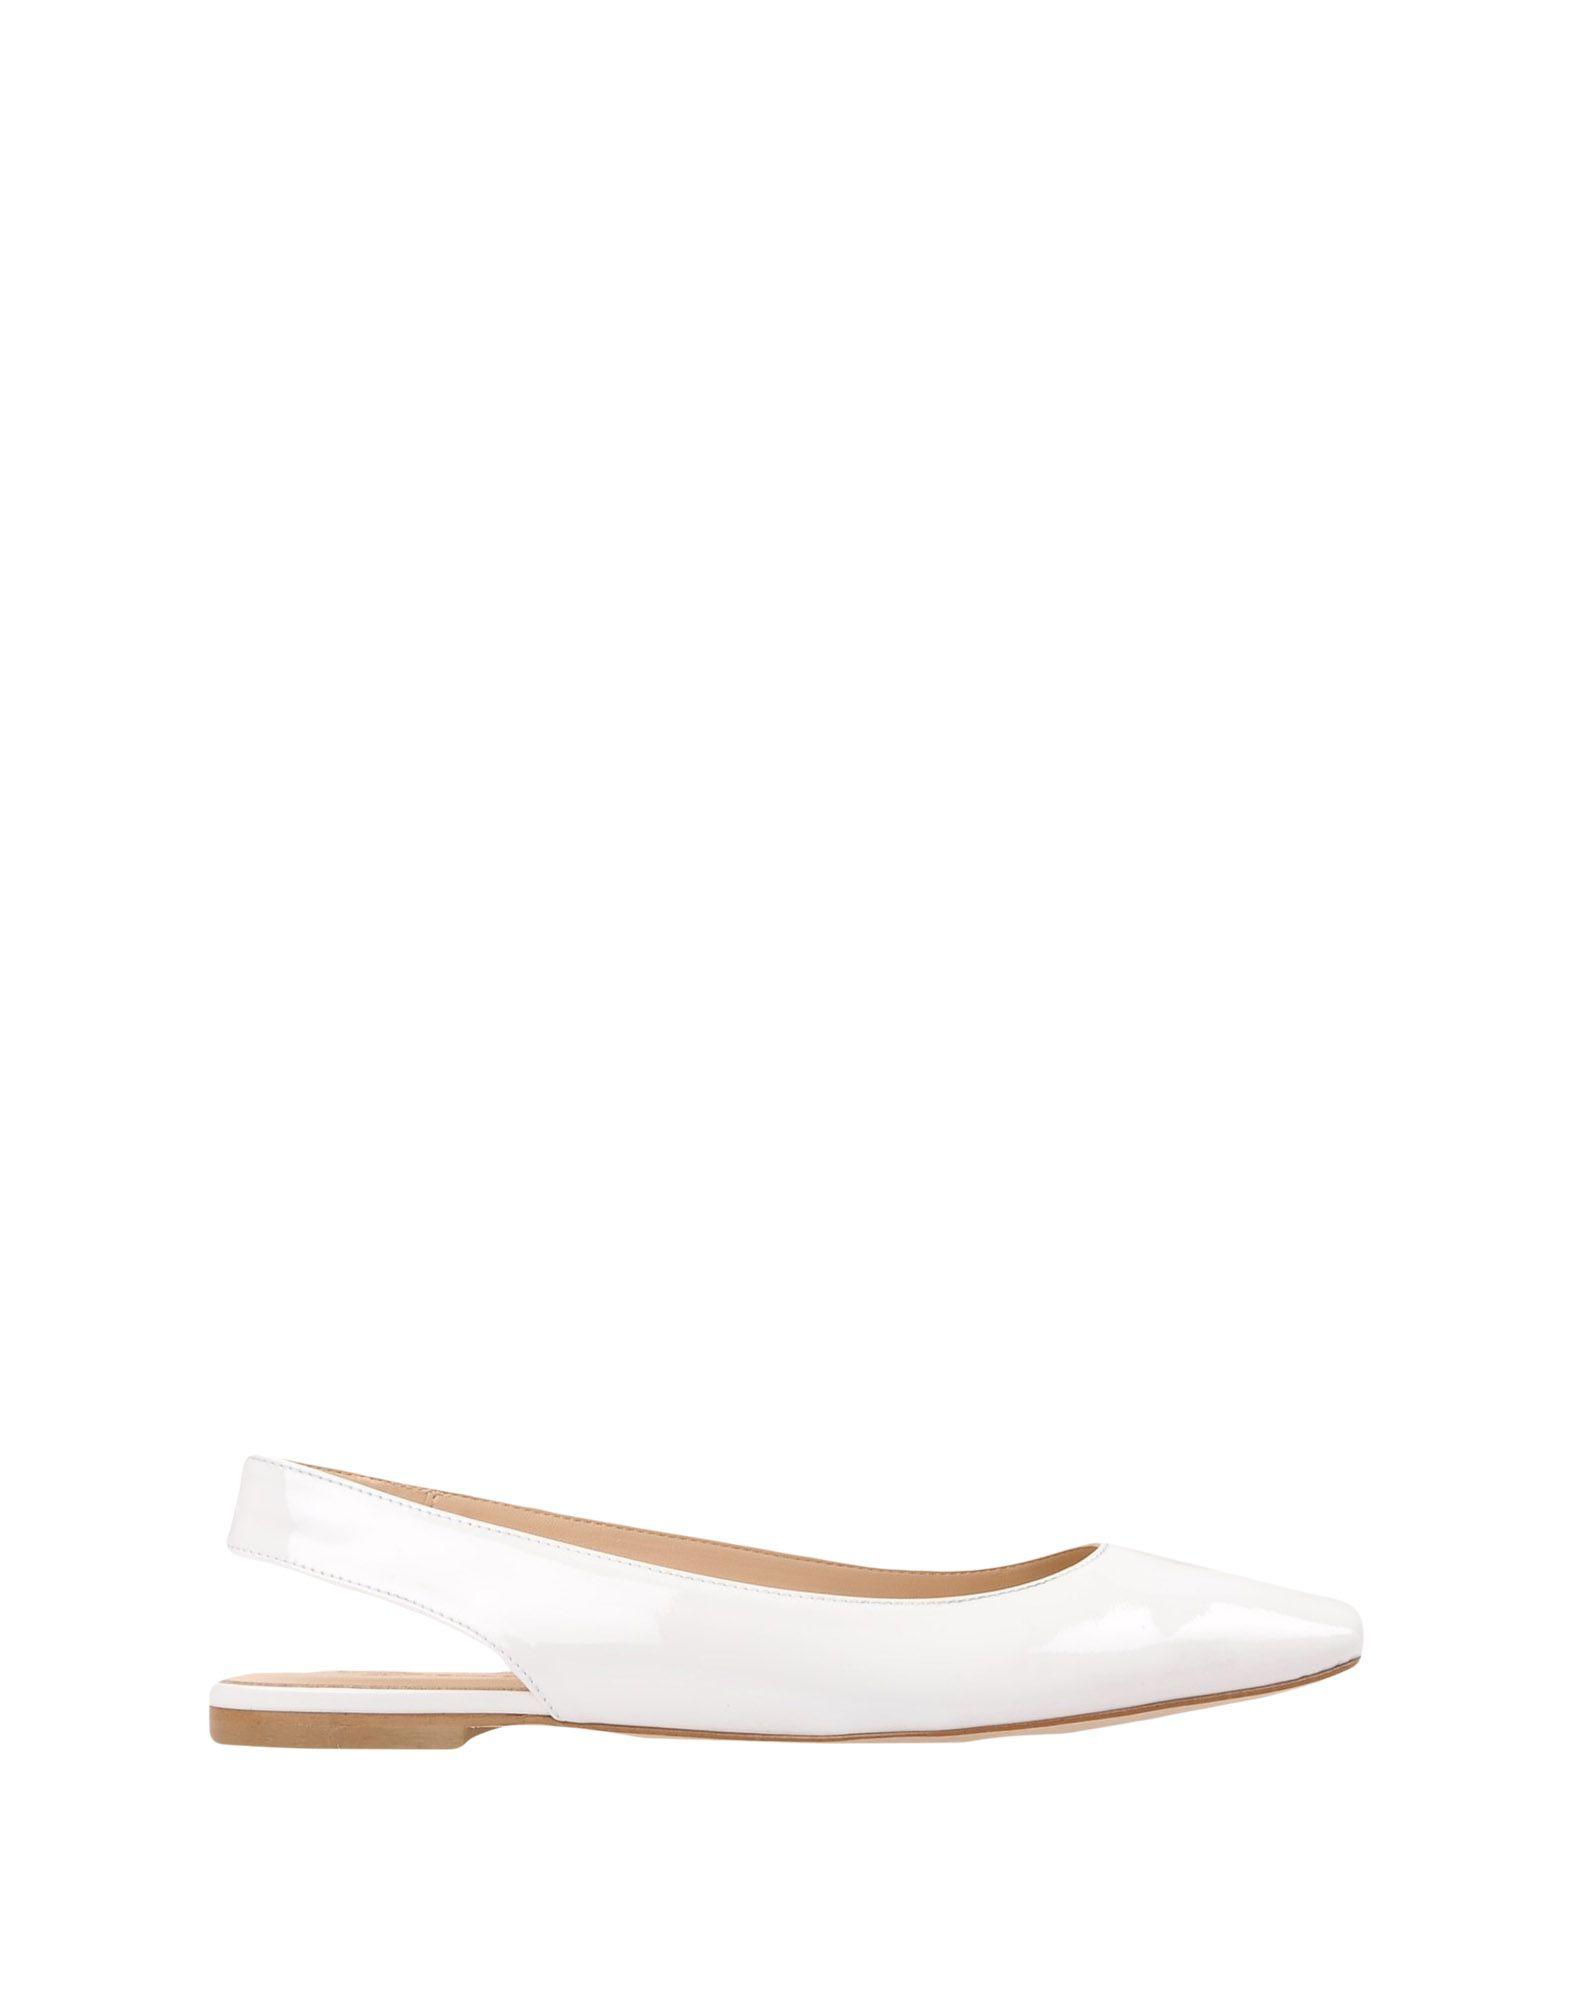 Bianca Di Ballerinas Damen Schuhe  11440752OT Gute Qualität beliebte Schuhe Damen 749283